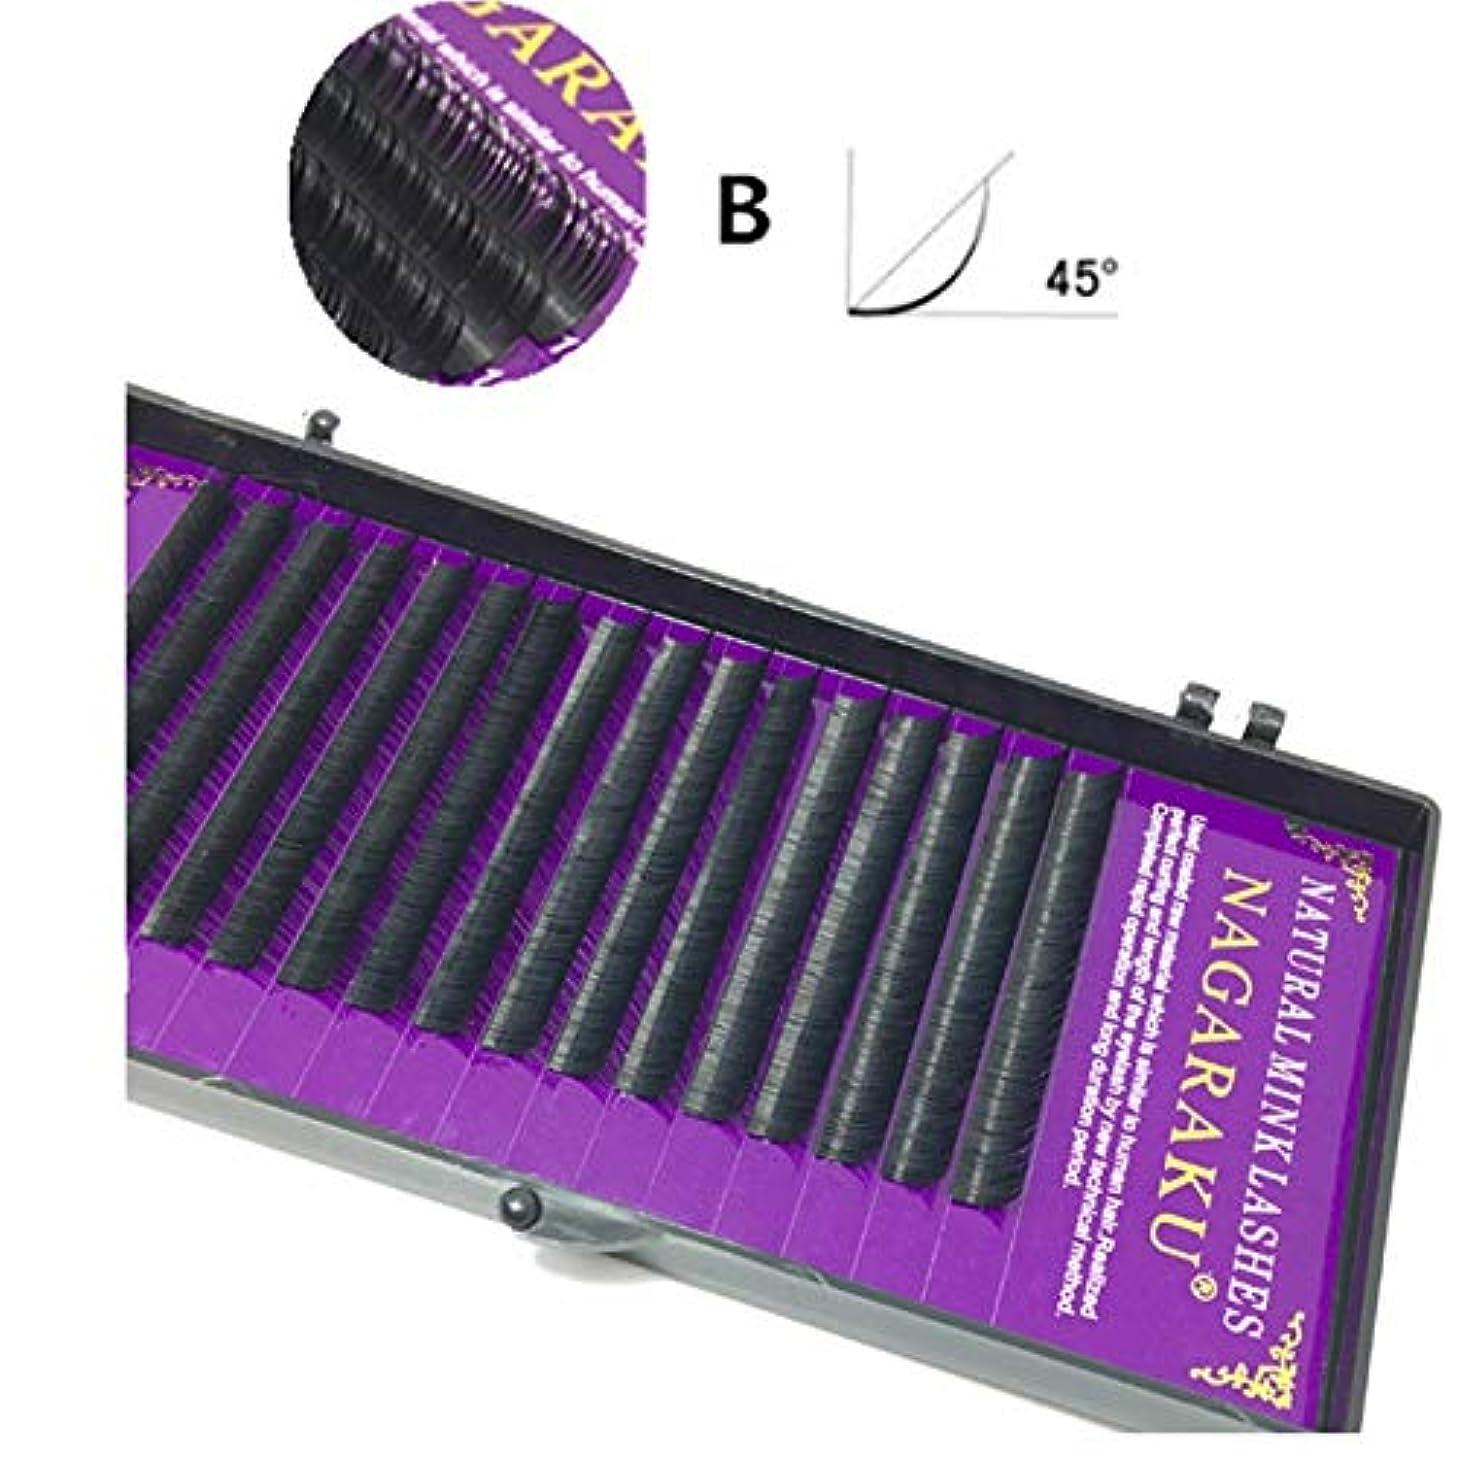 主流暫定引き金美容アクセサリー 16行ナチュラルメイクまつ毛黒つけまつげアイまつげエクステンションツール、カール:B、厚さ:0.10 mm(8 mm) 写真美容アクセサリー (色 : 10mm)